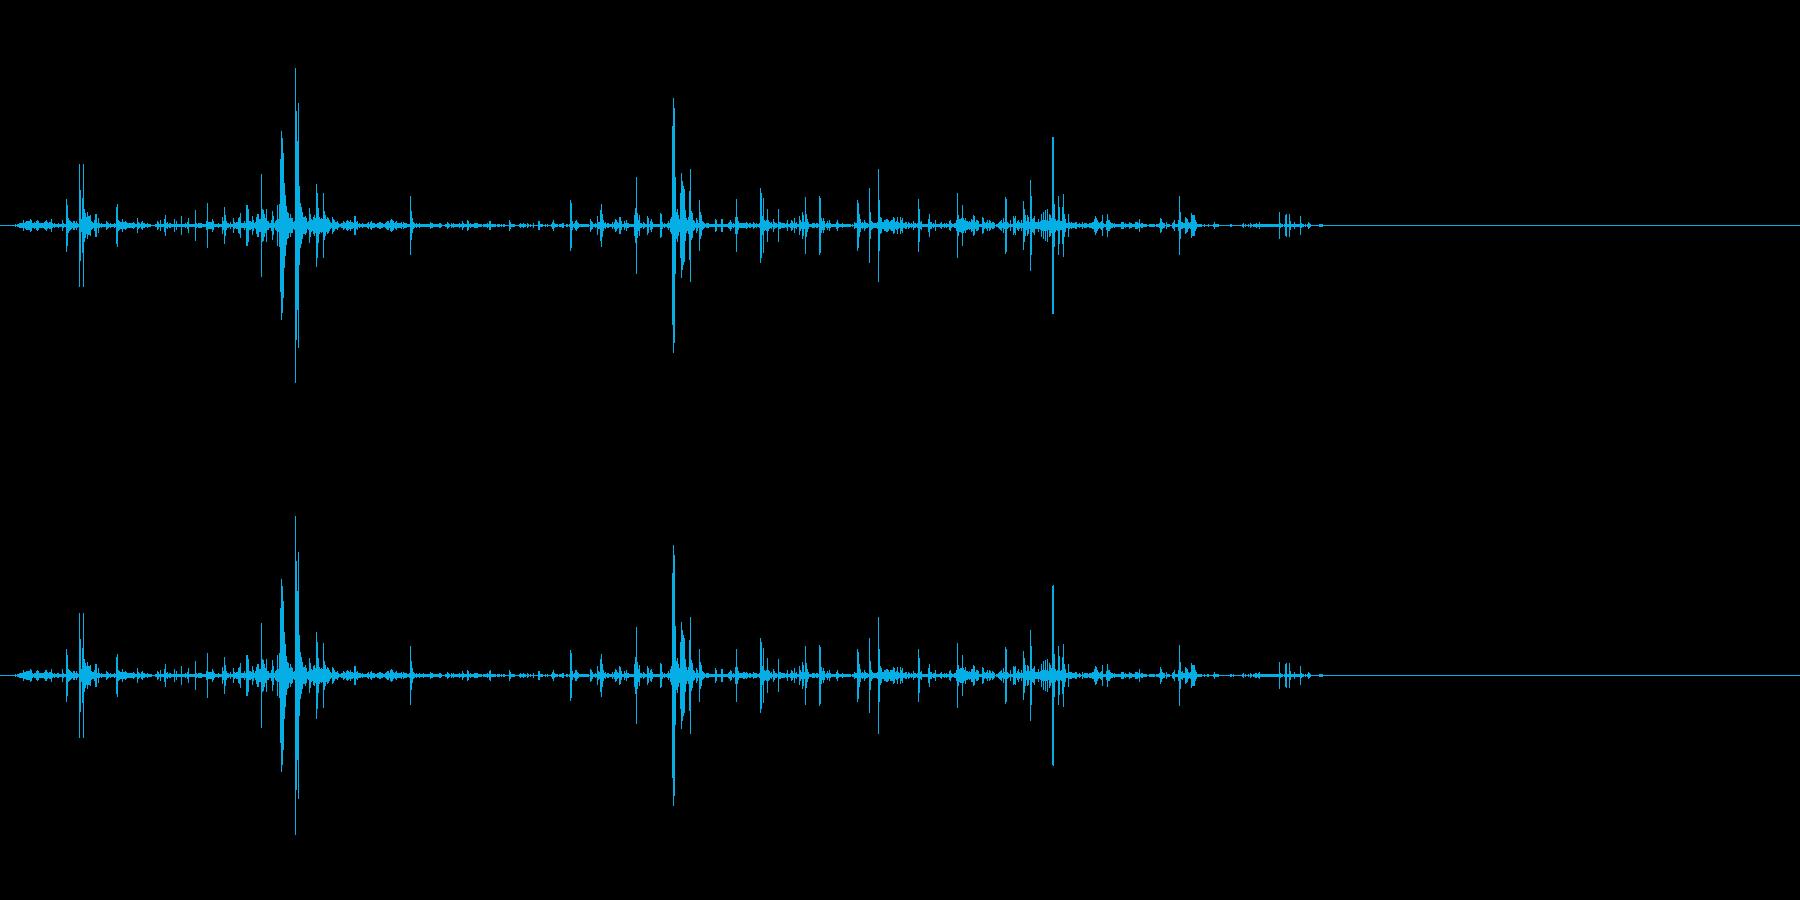 ヌルヌルしたものに手足を突っ込むの再生済みの波形